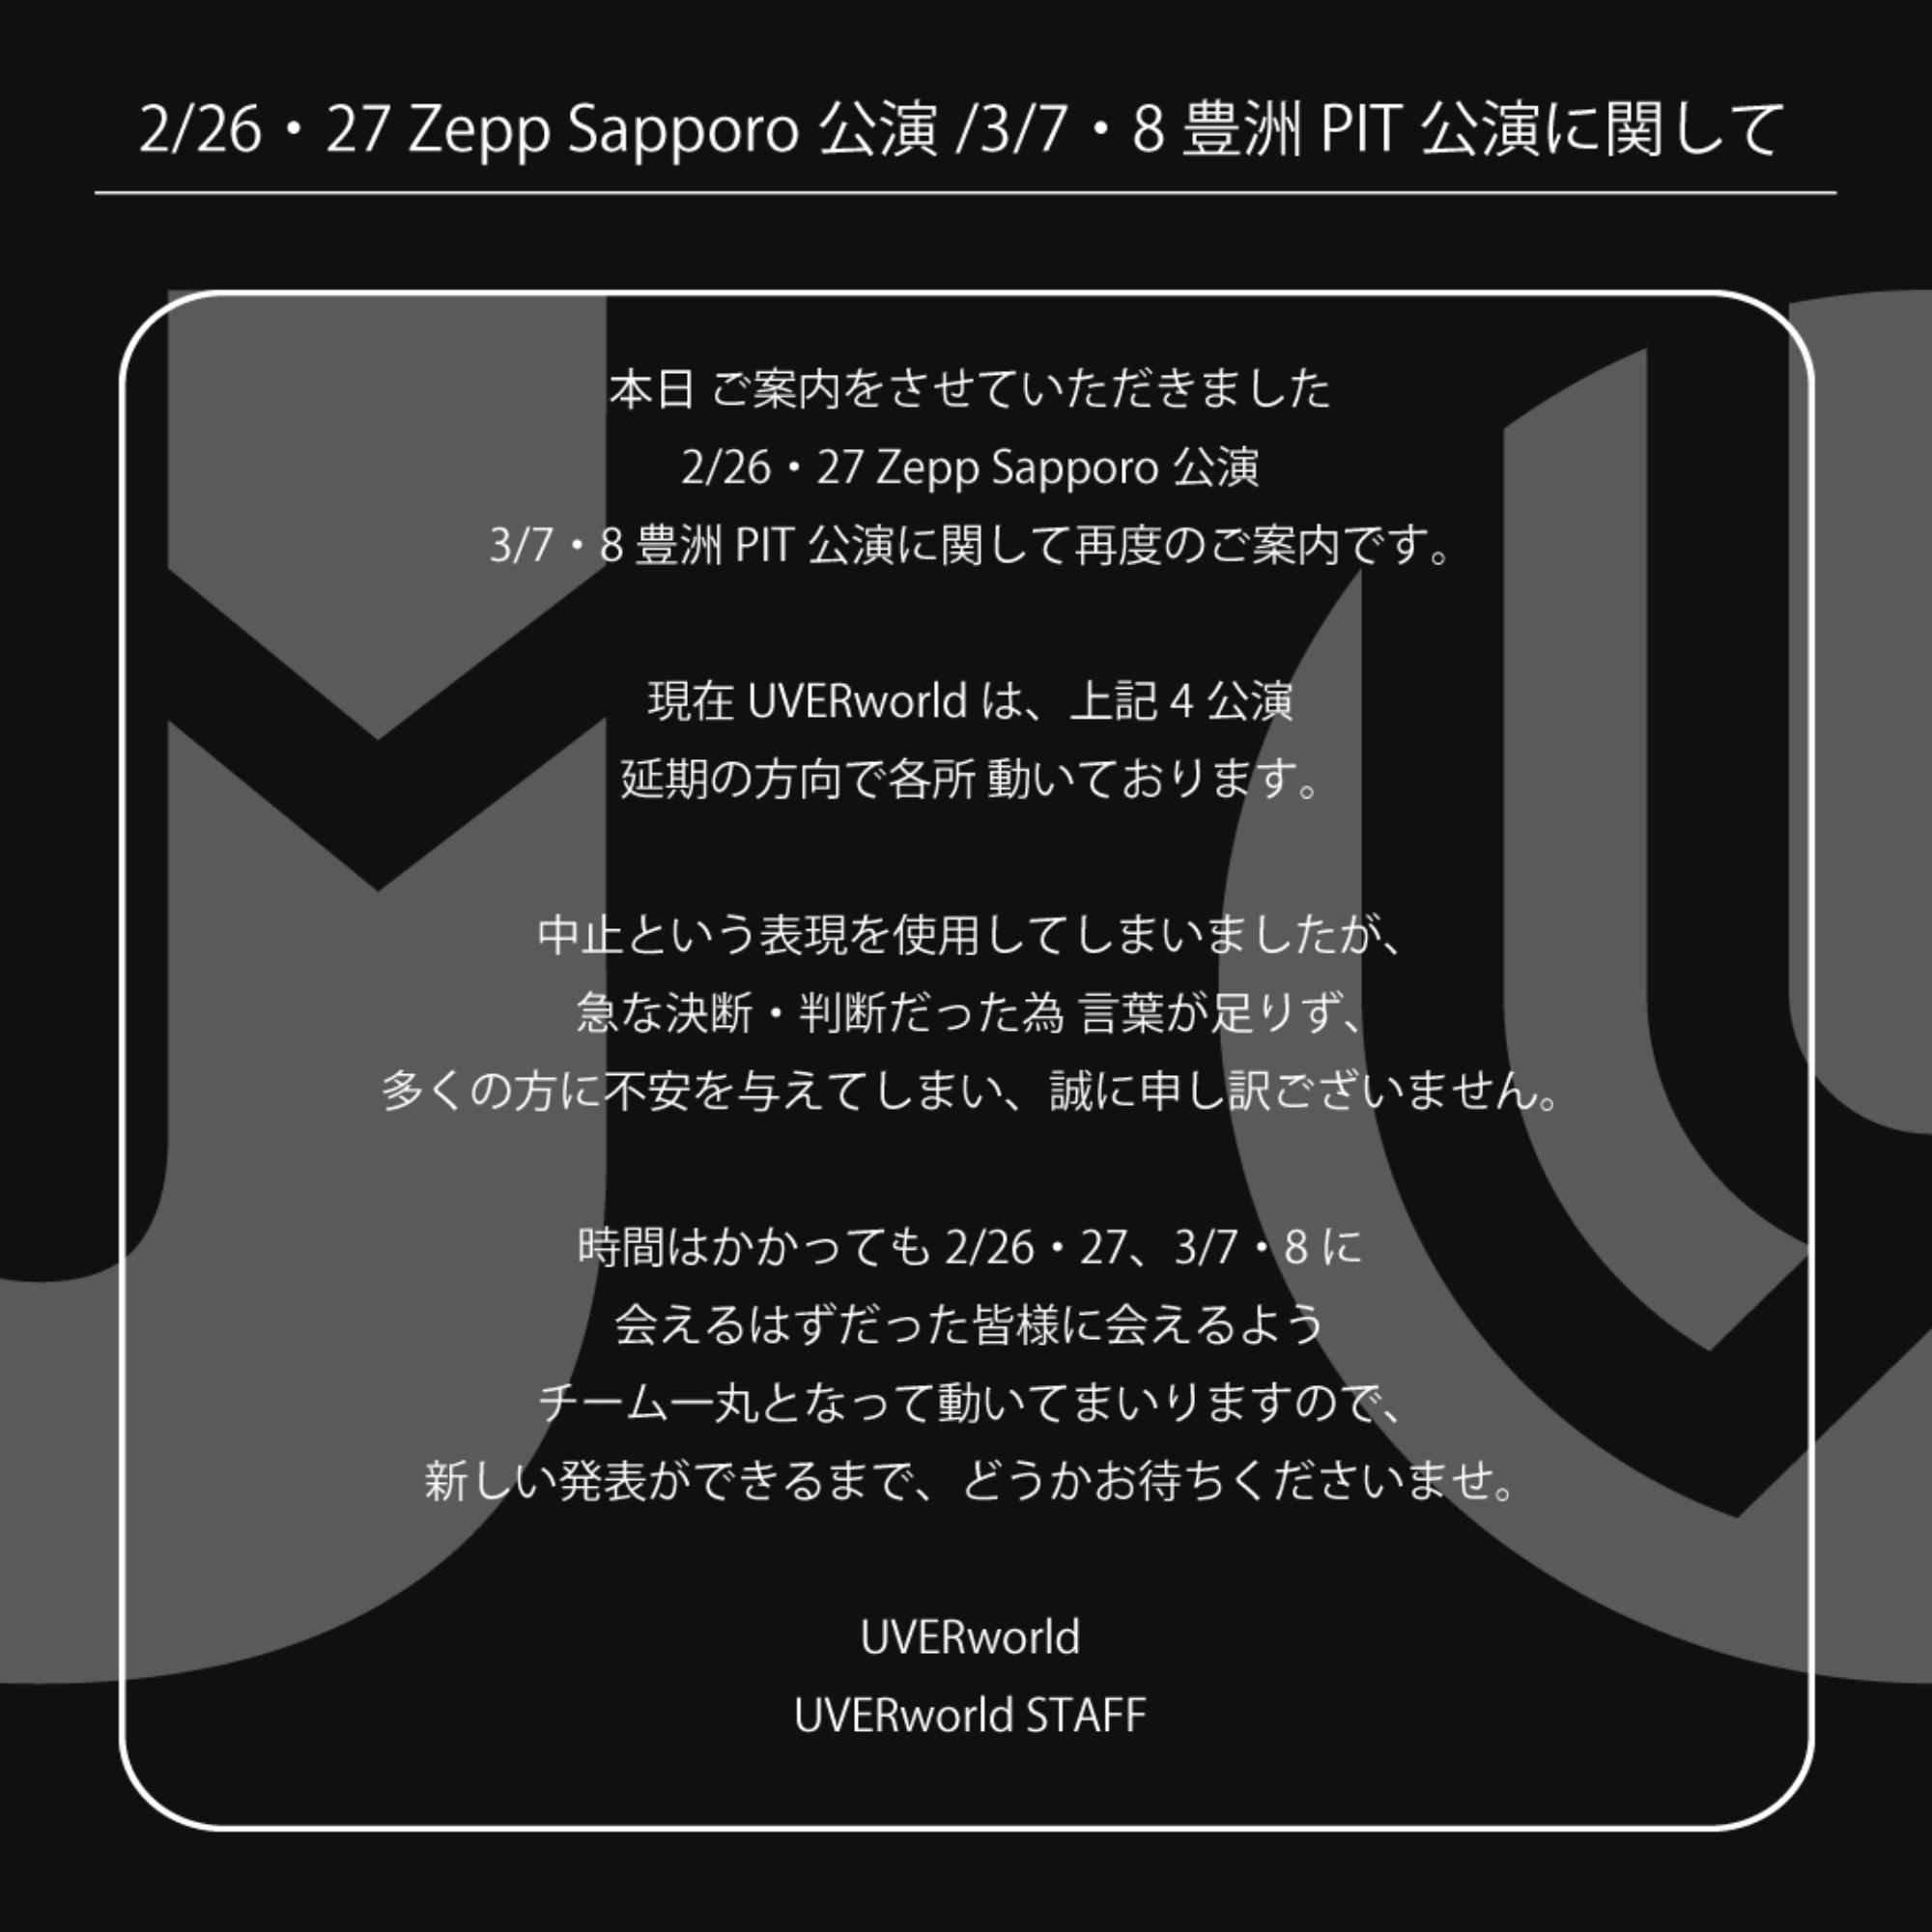 スクリーンショット 2020-03-09 11.39.43